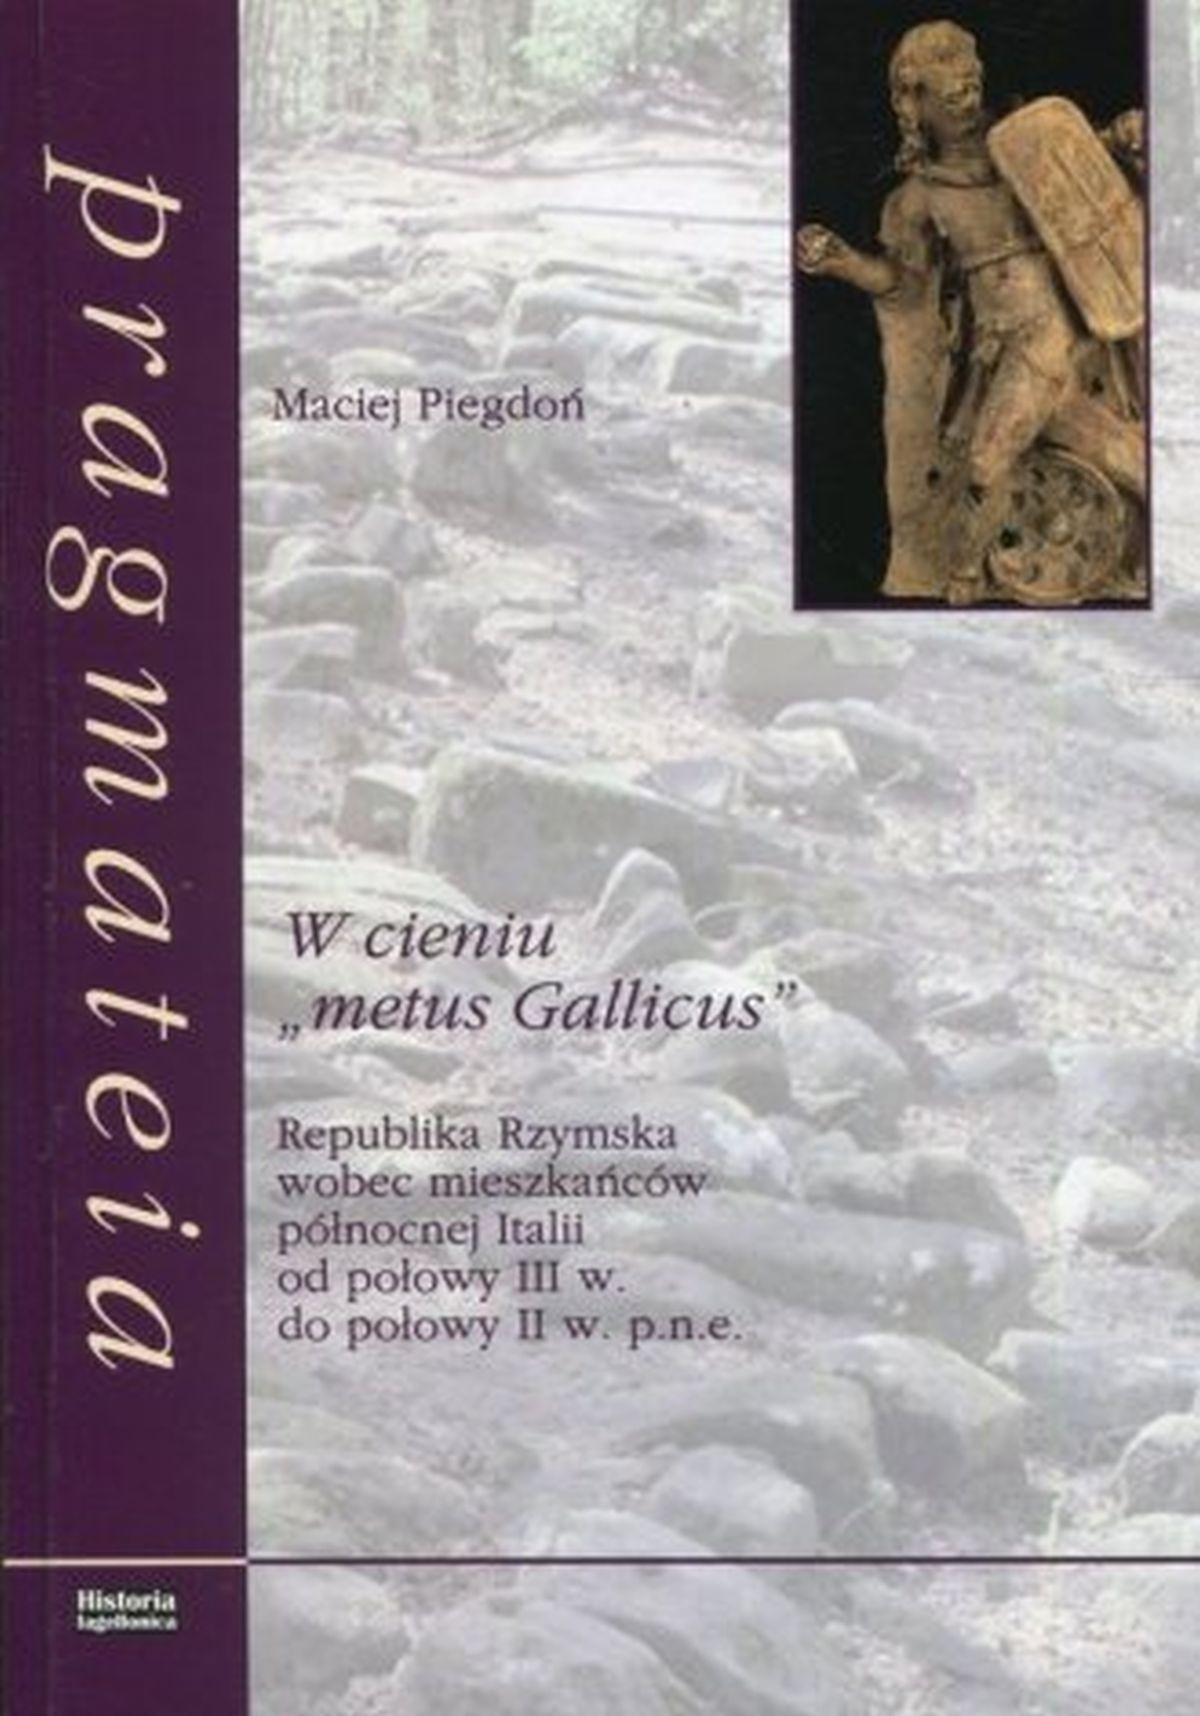 Maciej Piegdoń, W cieniu metus Gallicus. Republika Rzymska wobec mieszkańców północnej Italii od połowy III w. do połowy II w. p.n.e.